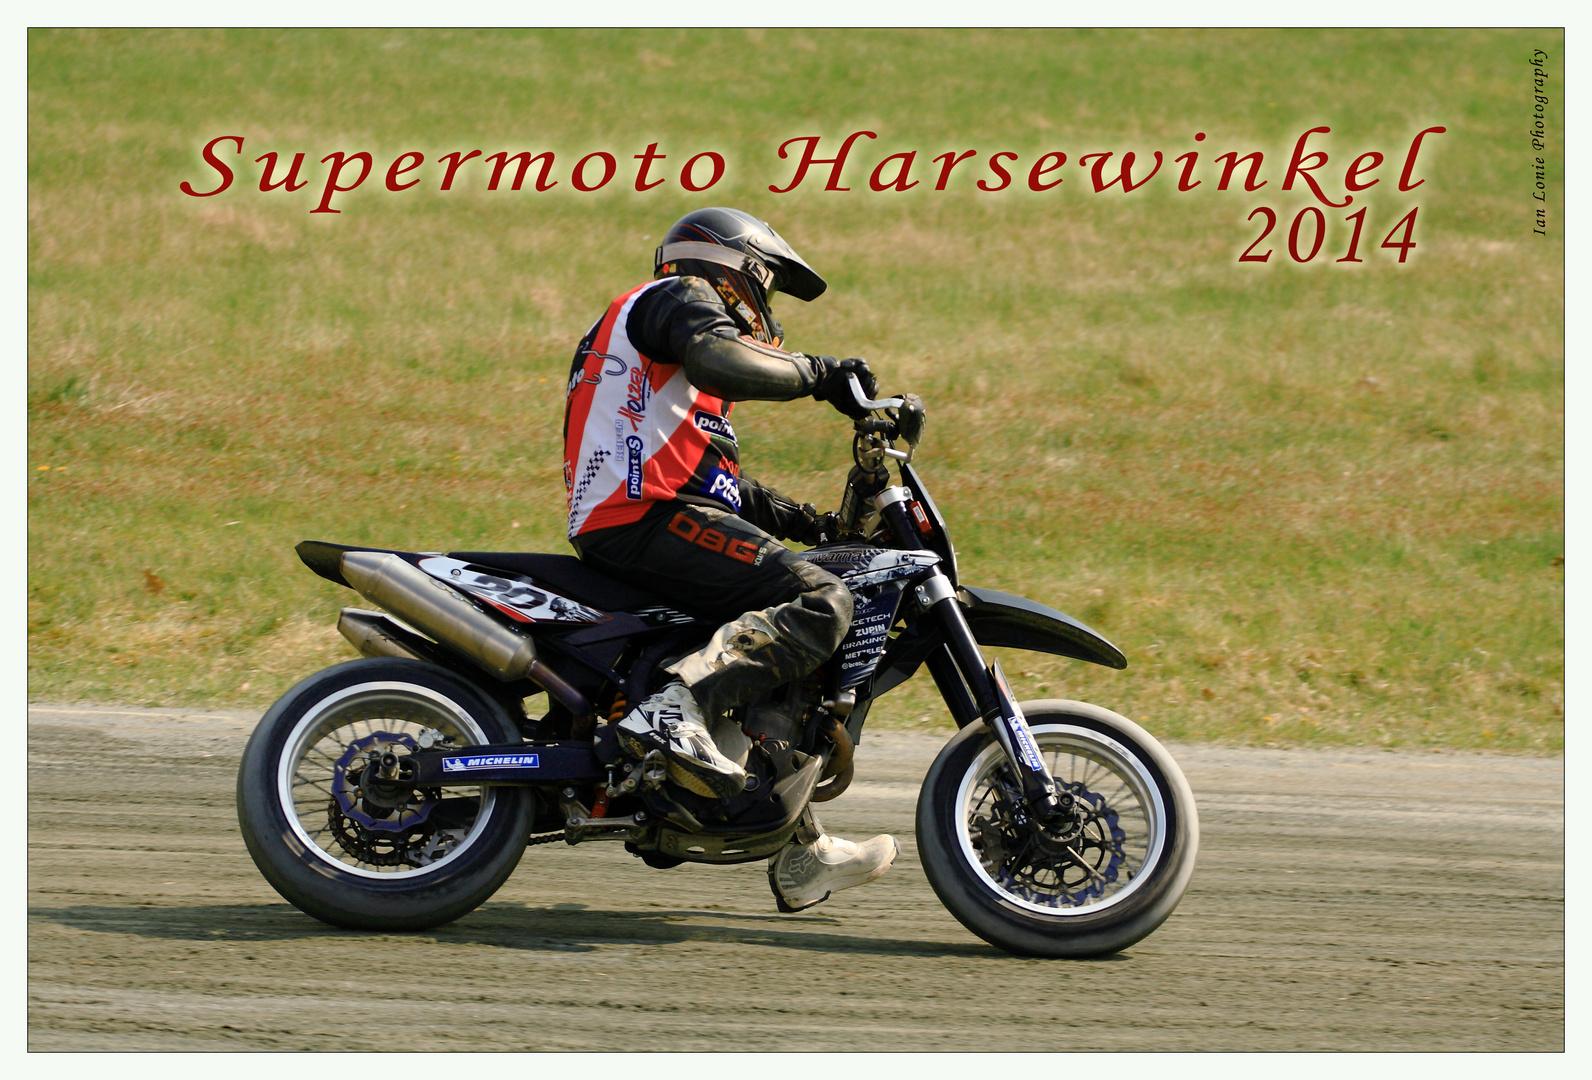 Harsewinkel 2014 - 2